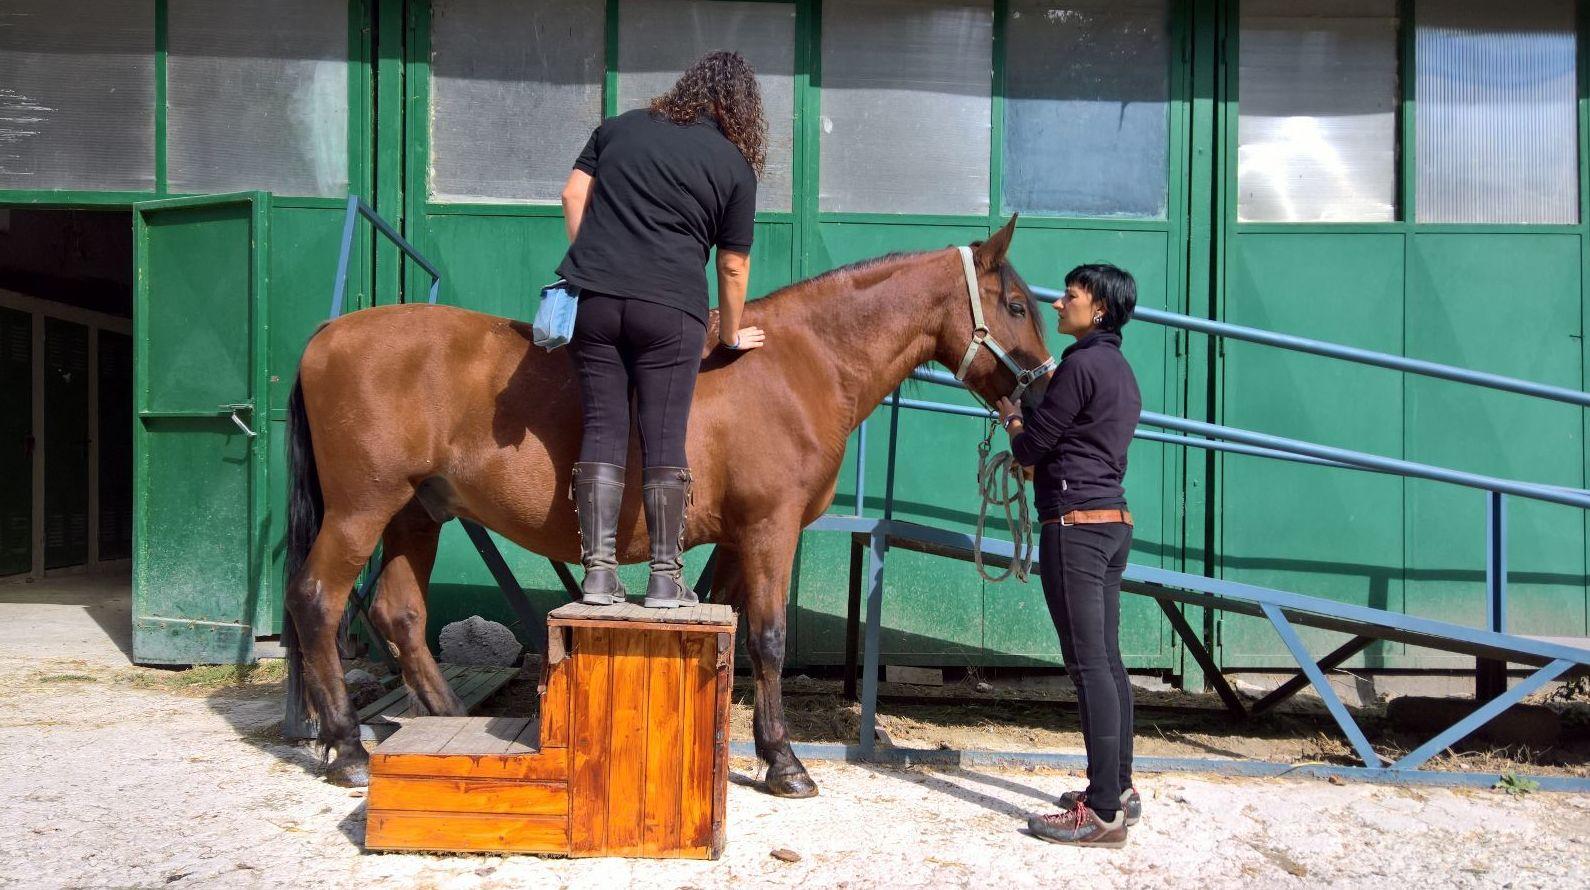 Foto 9 de Centro de equitación y equinoterapia en Labiano | Centro de Equitación y Equinoterapia Biki Blasco